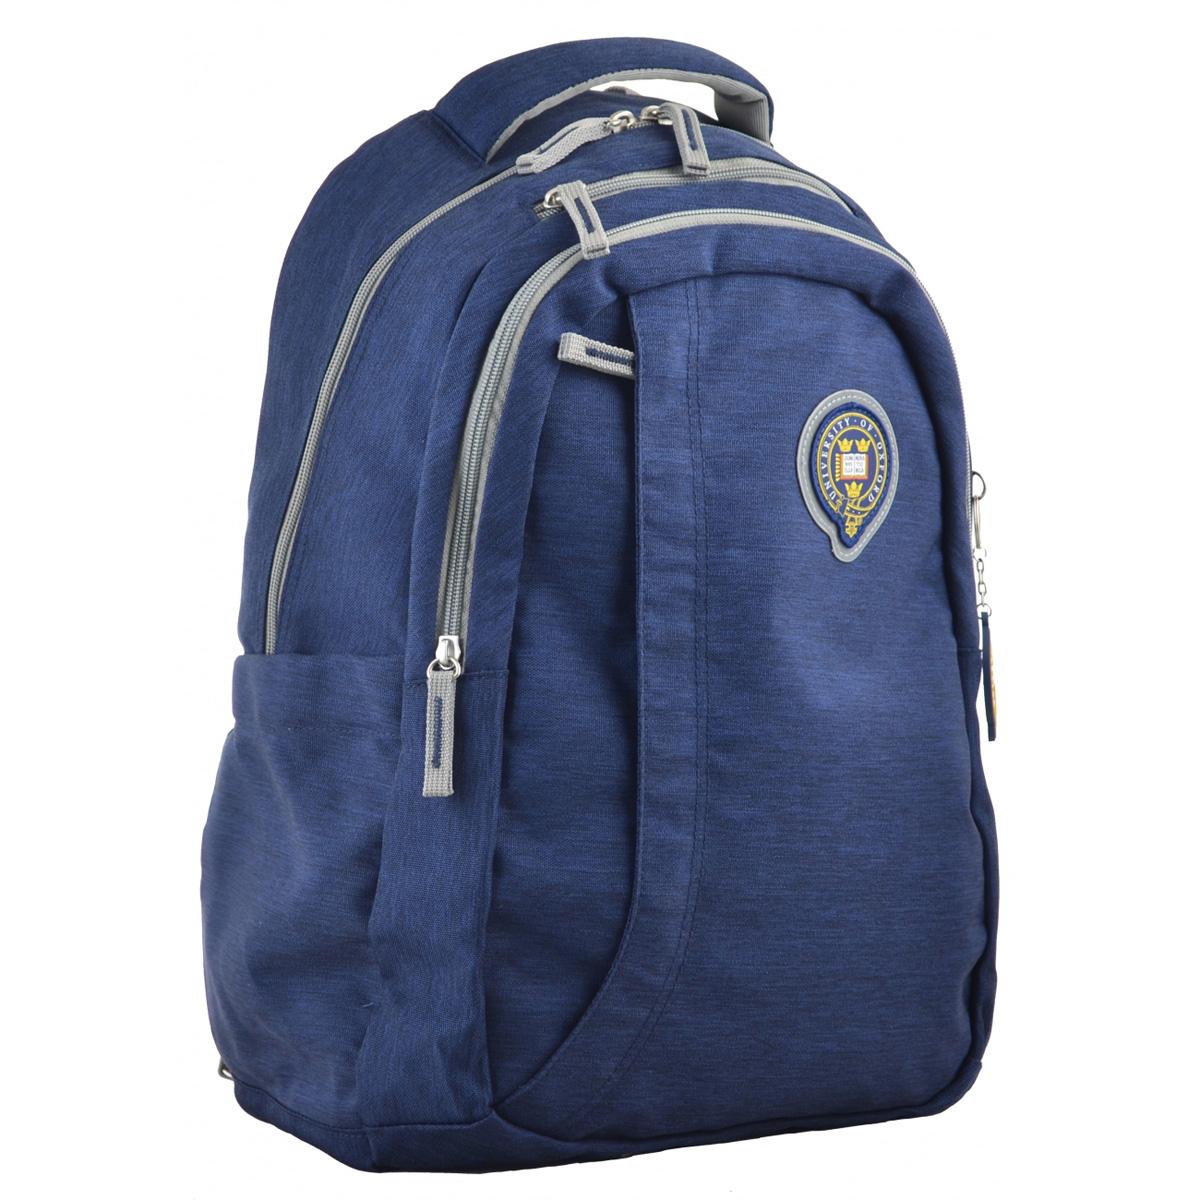 Рюкзак молодежный OX 391, 45*30*14.5, синий